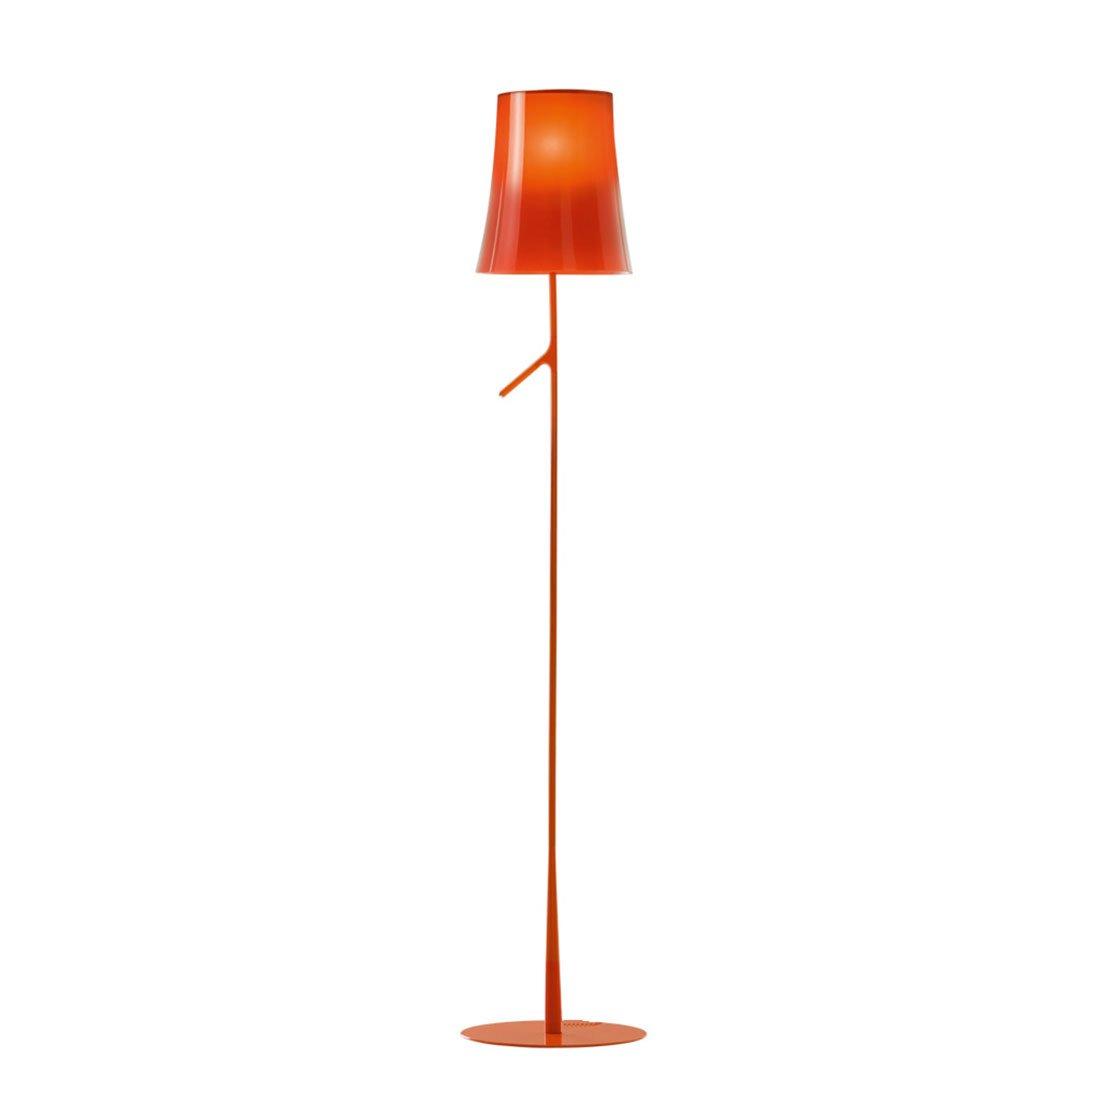 Foscarini Birdie Vloerlamp Oranje